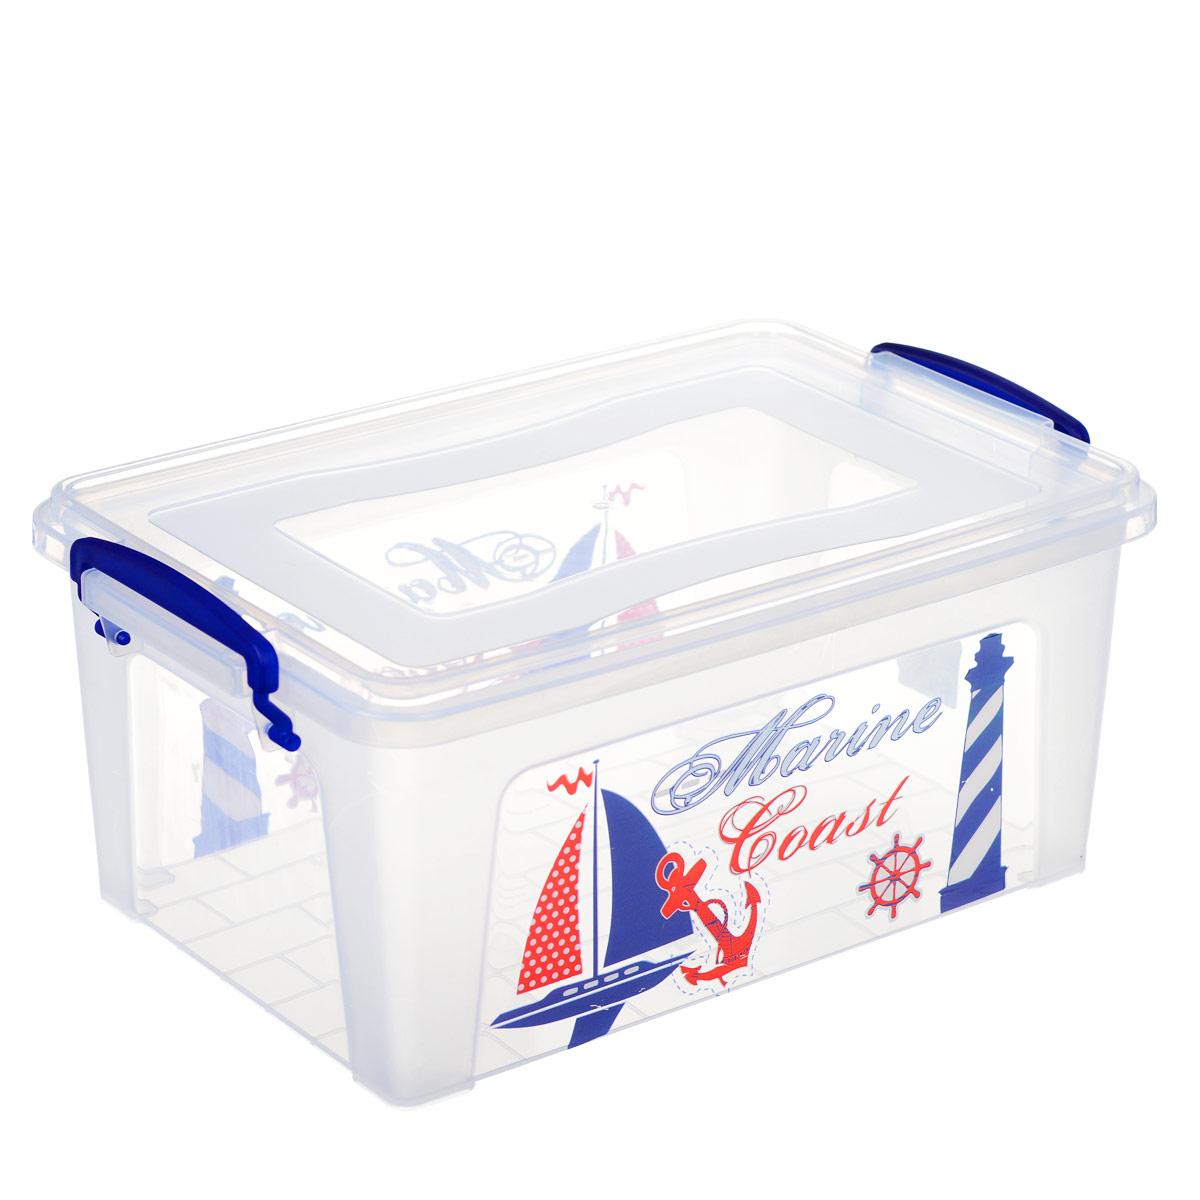 Контейнер Dunya Plastik Корабль, цвет: прозрачный, синий, 9 л30264 синийКонтейнер Dunya Plastik Корабль выполнен из прочного пластика. Он предназначен для хранения различных вещей. Крышка легко открывается и плотно закрывается. Прозрачные стенки позволяют видеть содержимое. По бокам предусмотрены две удобные ручки, с помощью которых контейнер закрывается. Контейнер поможет хранить все в одном месте, а также защитить вещи от пыли, грязи и влаги. Размер контейнера (с учетом крышки): 36 см х 23 см. Высота (с учетом крышки): 16 см.